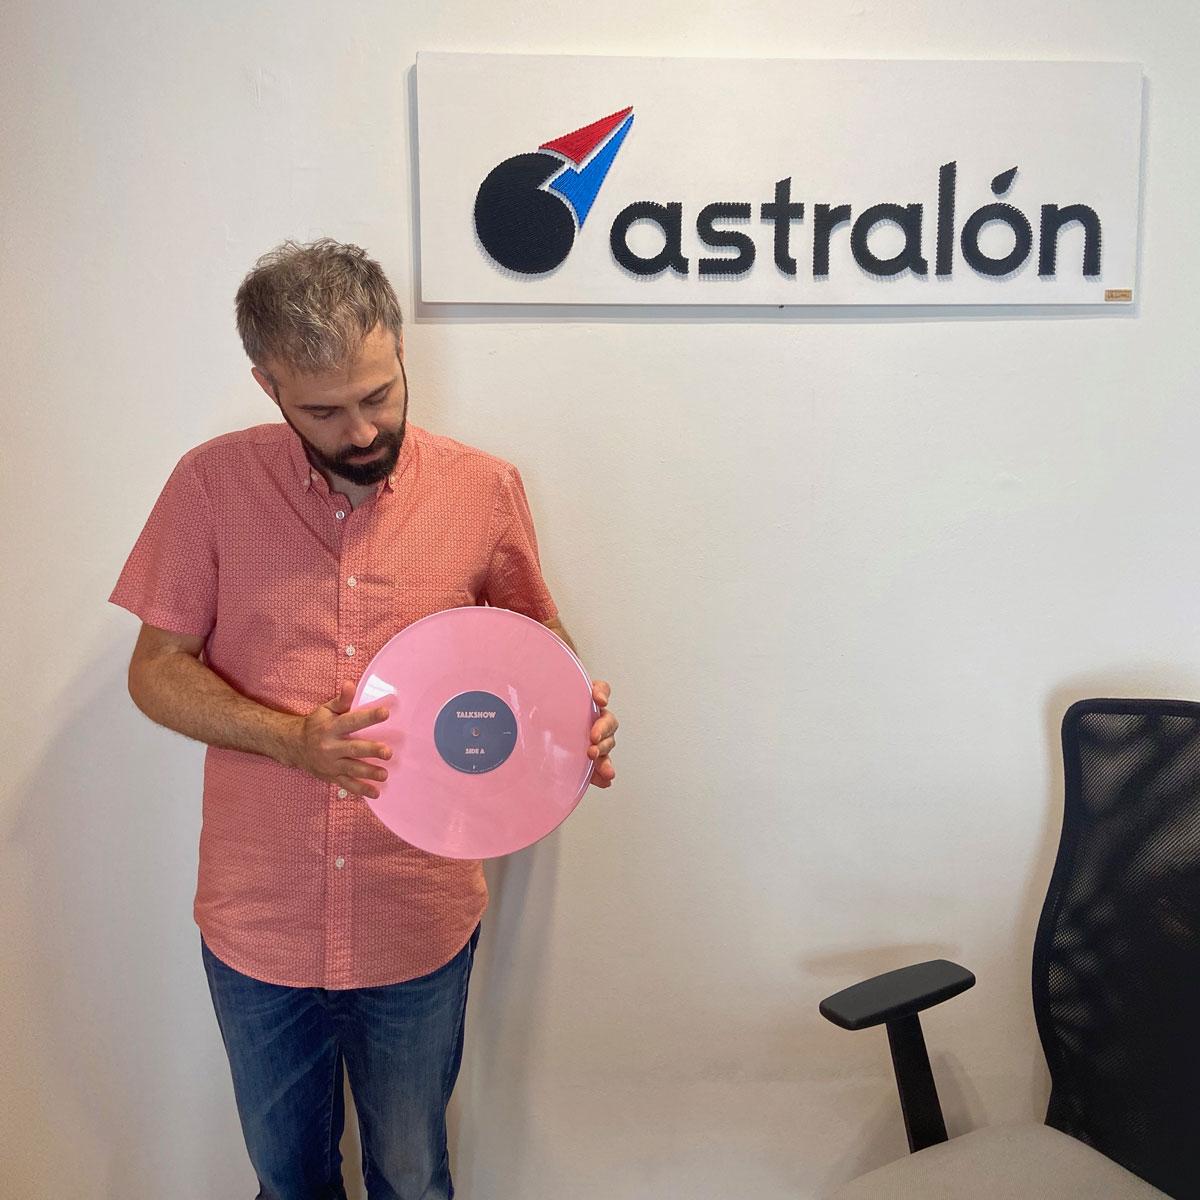 astralon-office-kristof-talkshow-vinyl